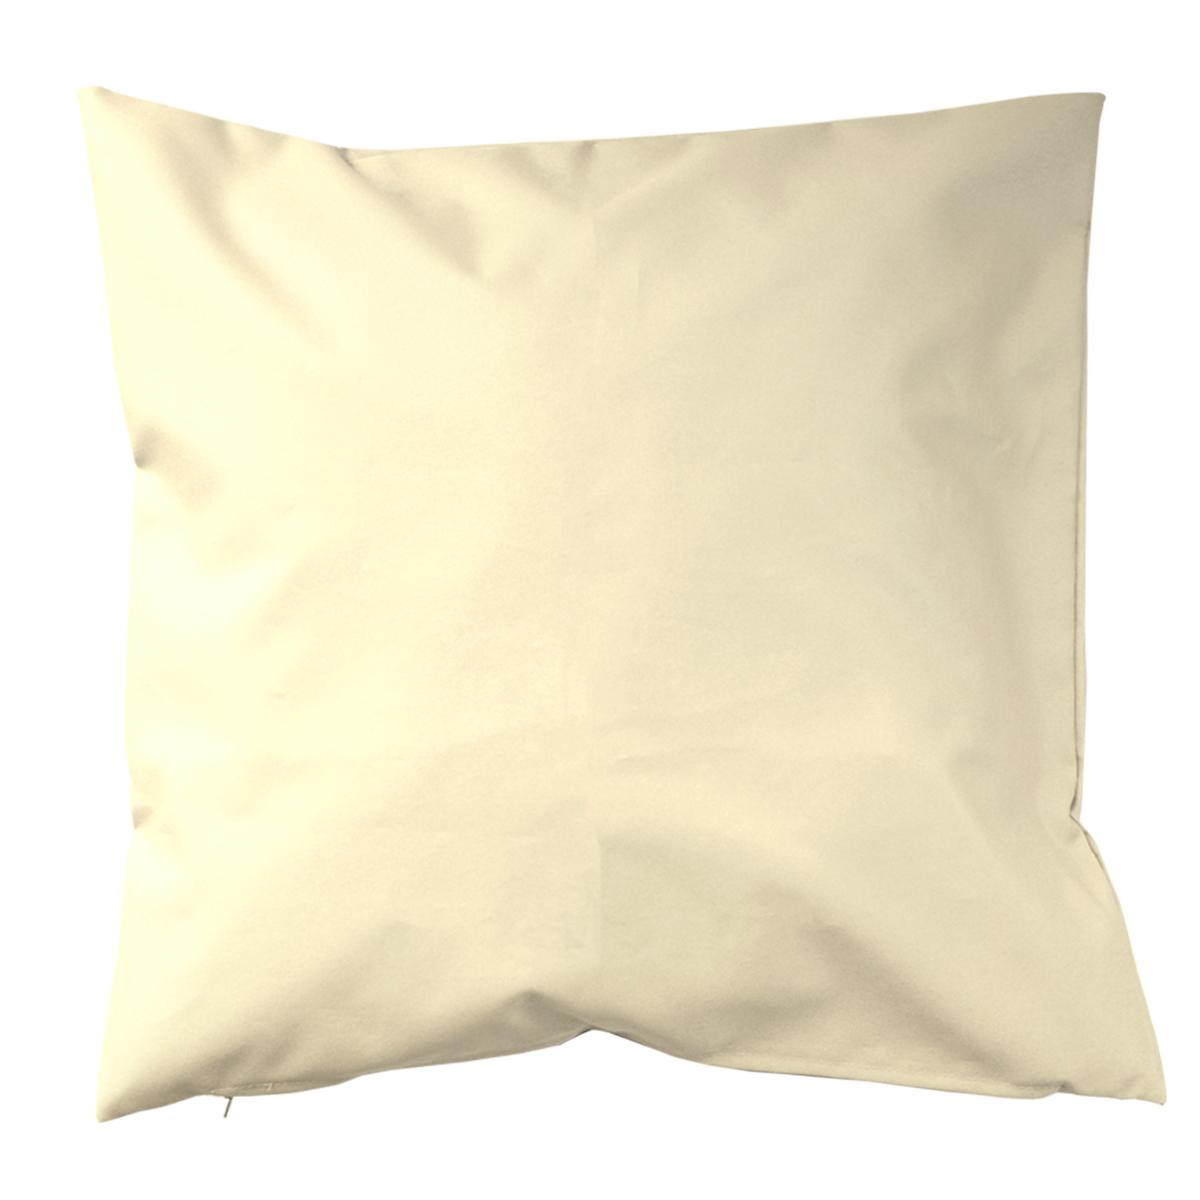 Housse de coussin d'extérieur en tissu outdoor - Ecru - 60 x 60cm